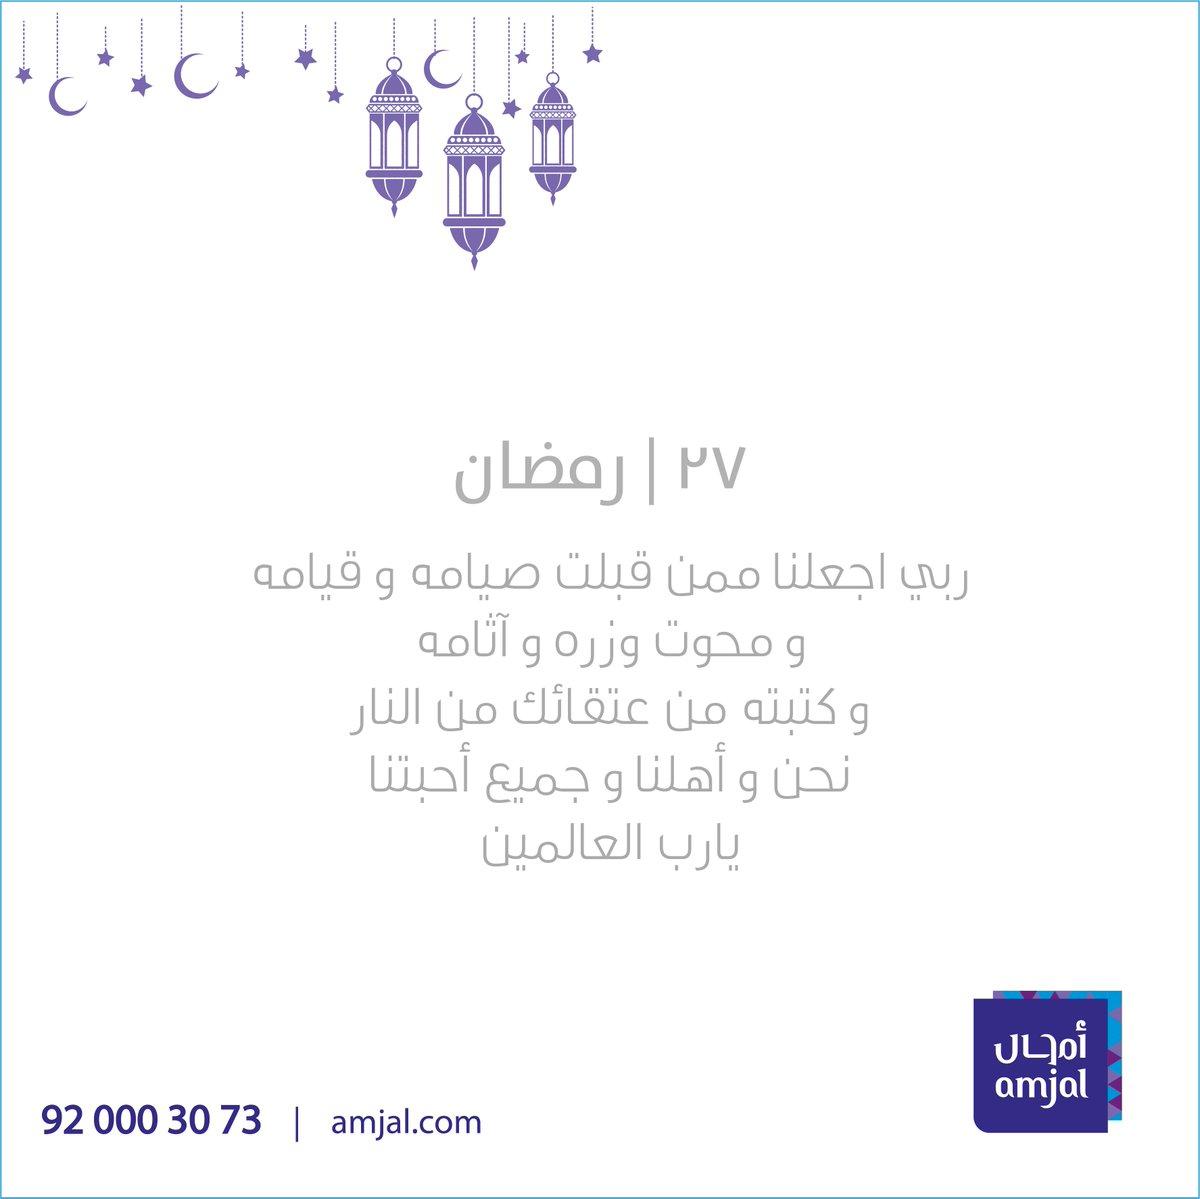 #دعاء_رمضان https://t.co/ixRZBwsnv7